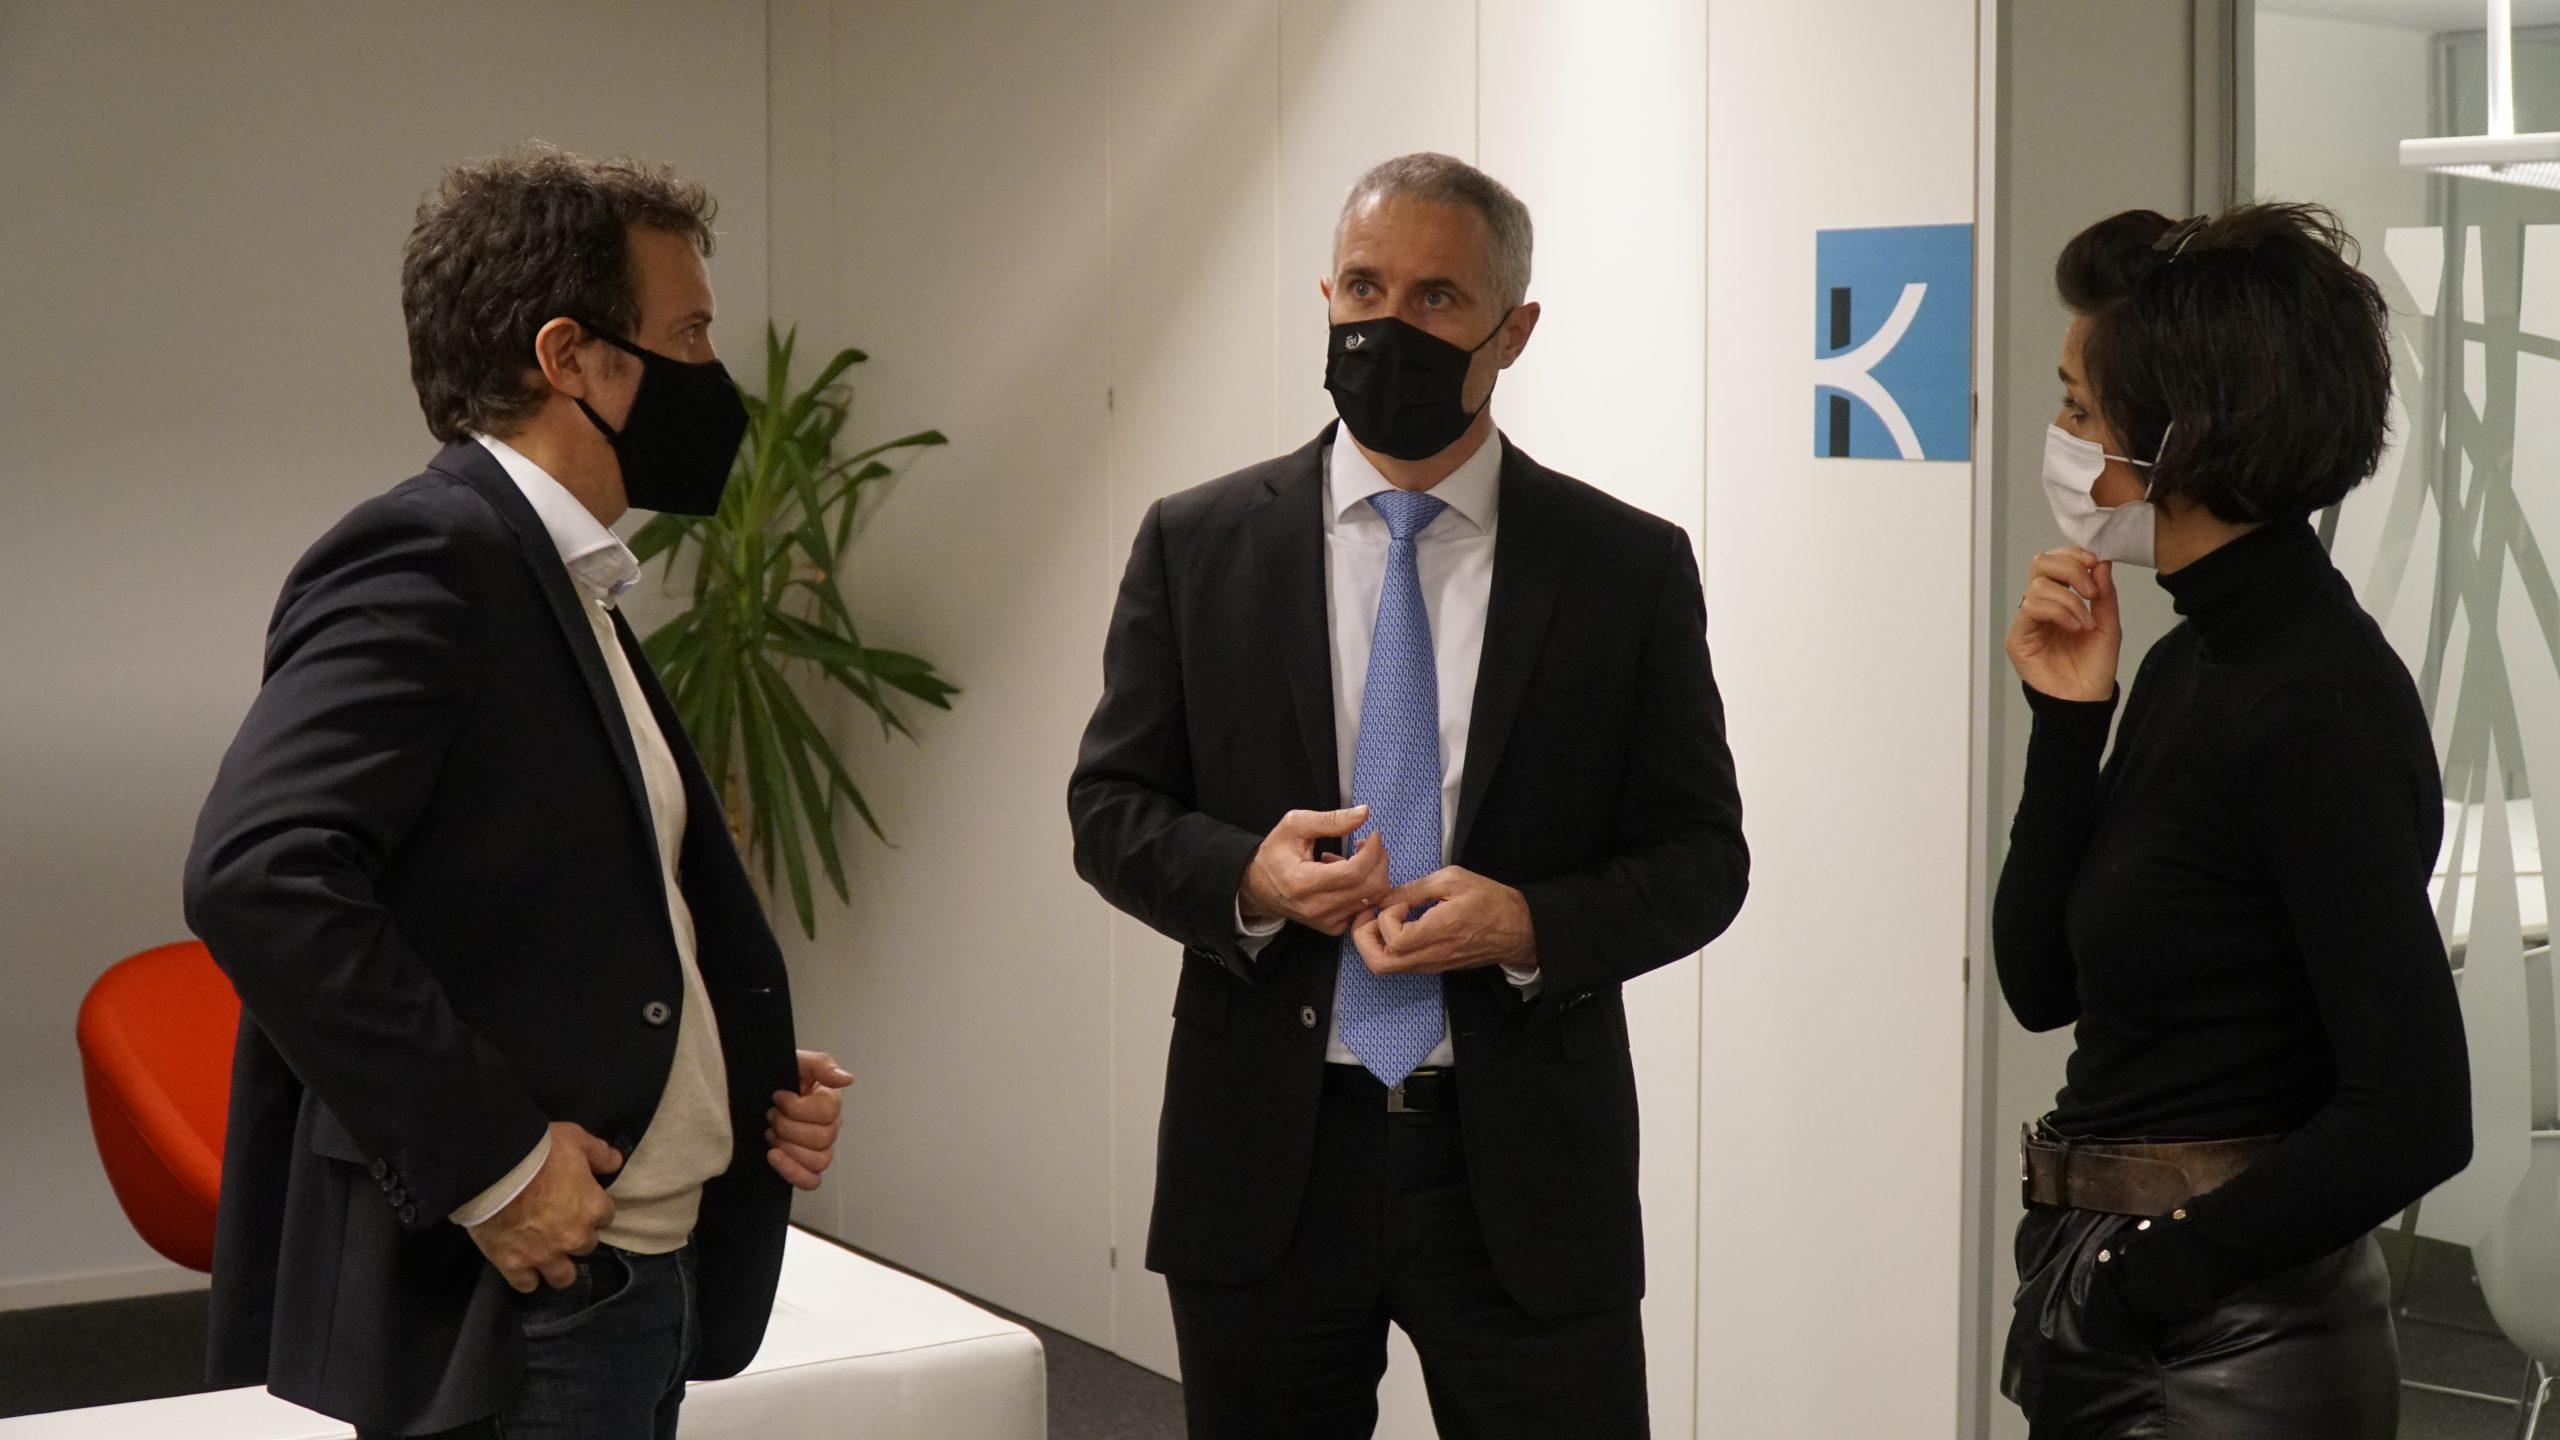 Entrevista con Aitor Urzelai – Director General de SPRI